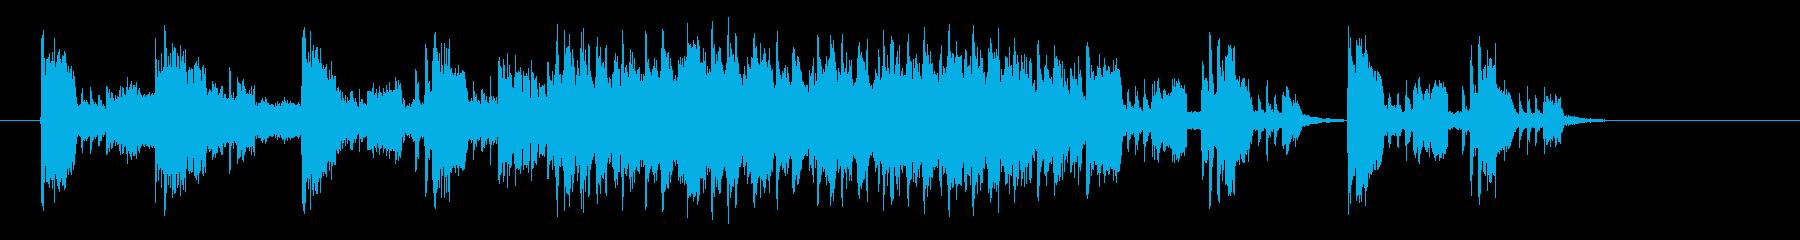 機械的なテクノポップスの再生済みの波形